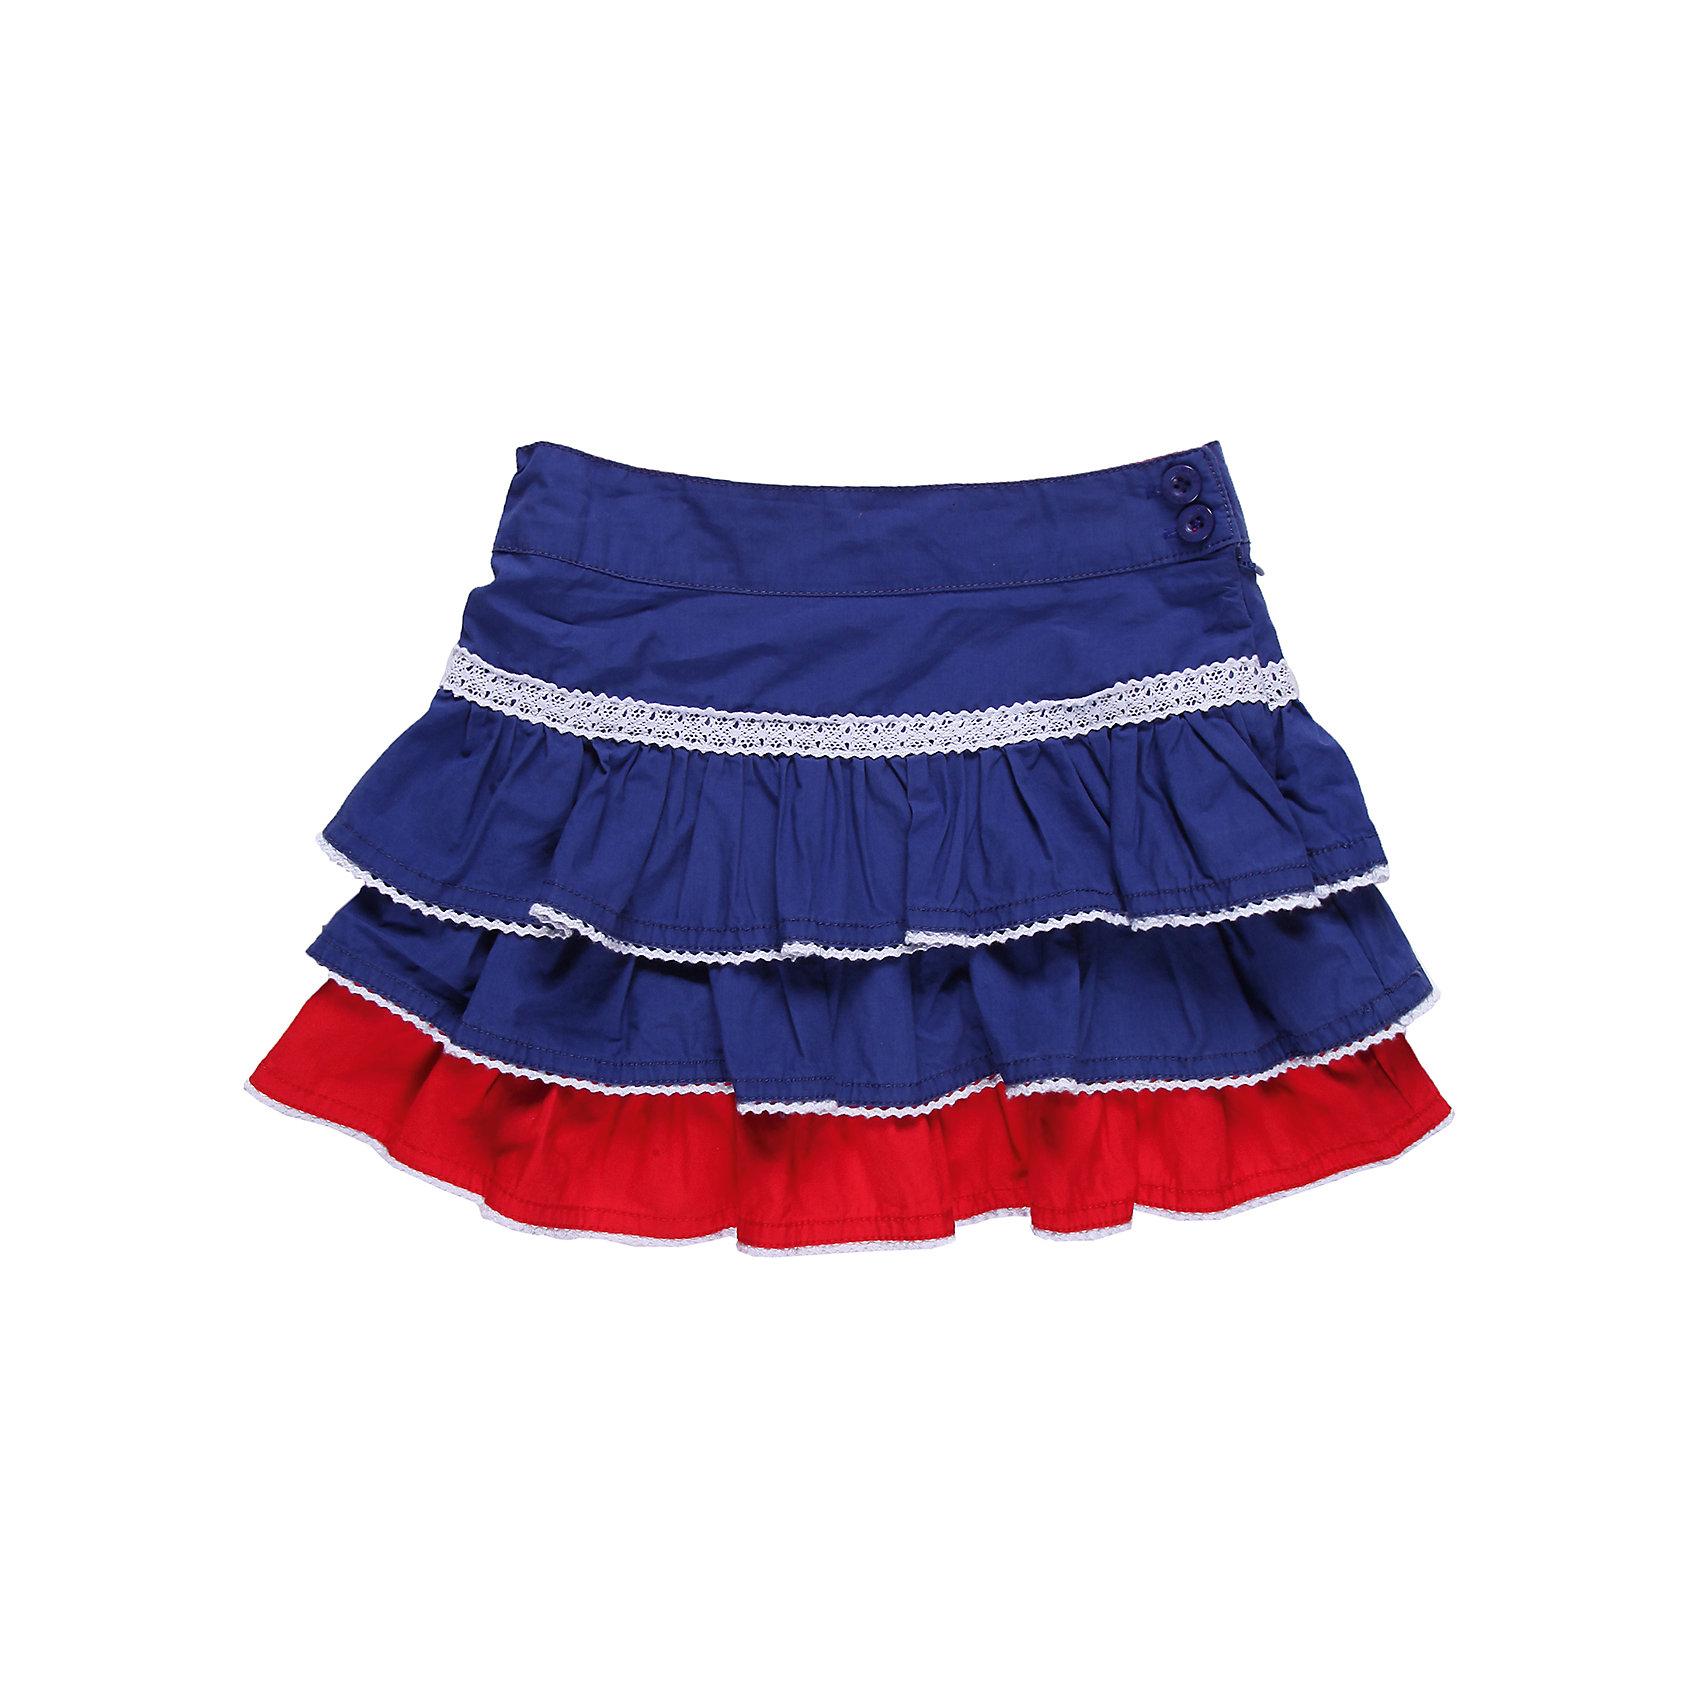 Юбка для девочки Sweet BerryЮбки<br>Хлопковая юбка для девочки, на кокетке с оборками, низы оборок обработаны декоративным швом контрастного цвета. Модель украшена ажурной тесьмой.<br>Состав:<br>100% хлопок<br><br>Ширина мм: 207<br>Глубина мм: 10<br>Высота мм: 189<br>Вес г: 183<br>Цвет: синий<br>Возраст от месяцев: 48<br>Возраст до месяцев: 60<br>Пол: Женский<br>Возраст: Детский<br>Размер: 110,104,116,98,128,122<br>SKU: 4521516